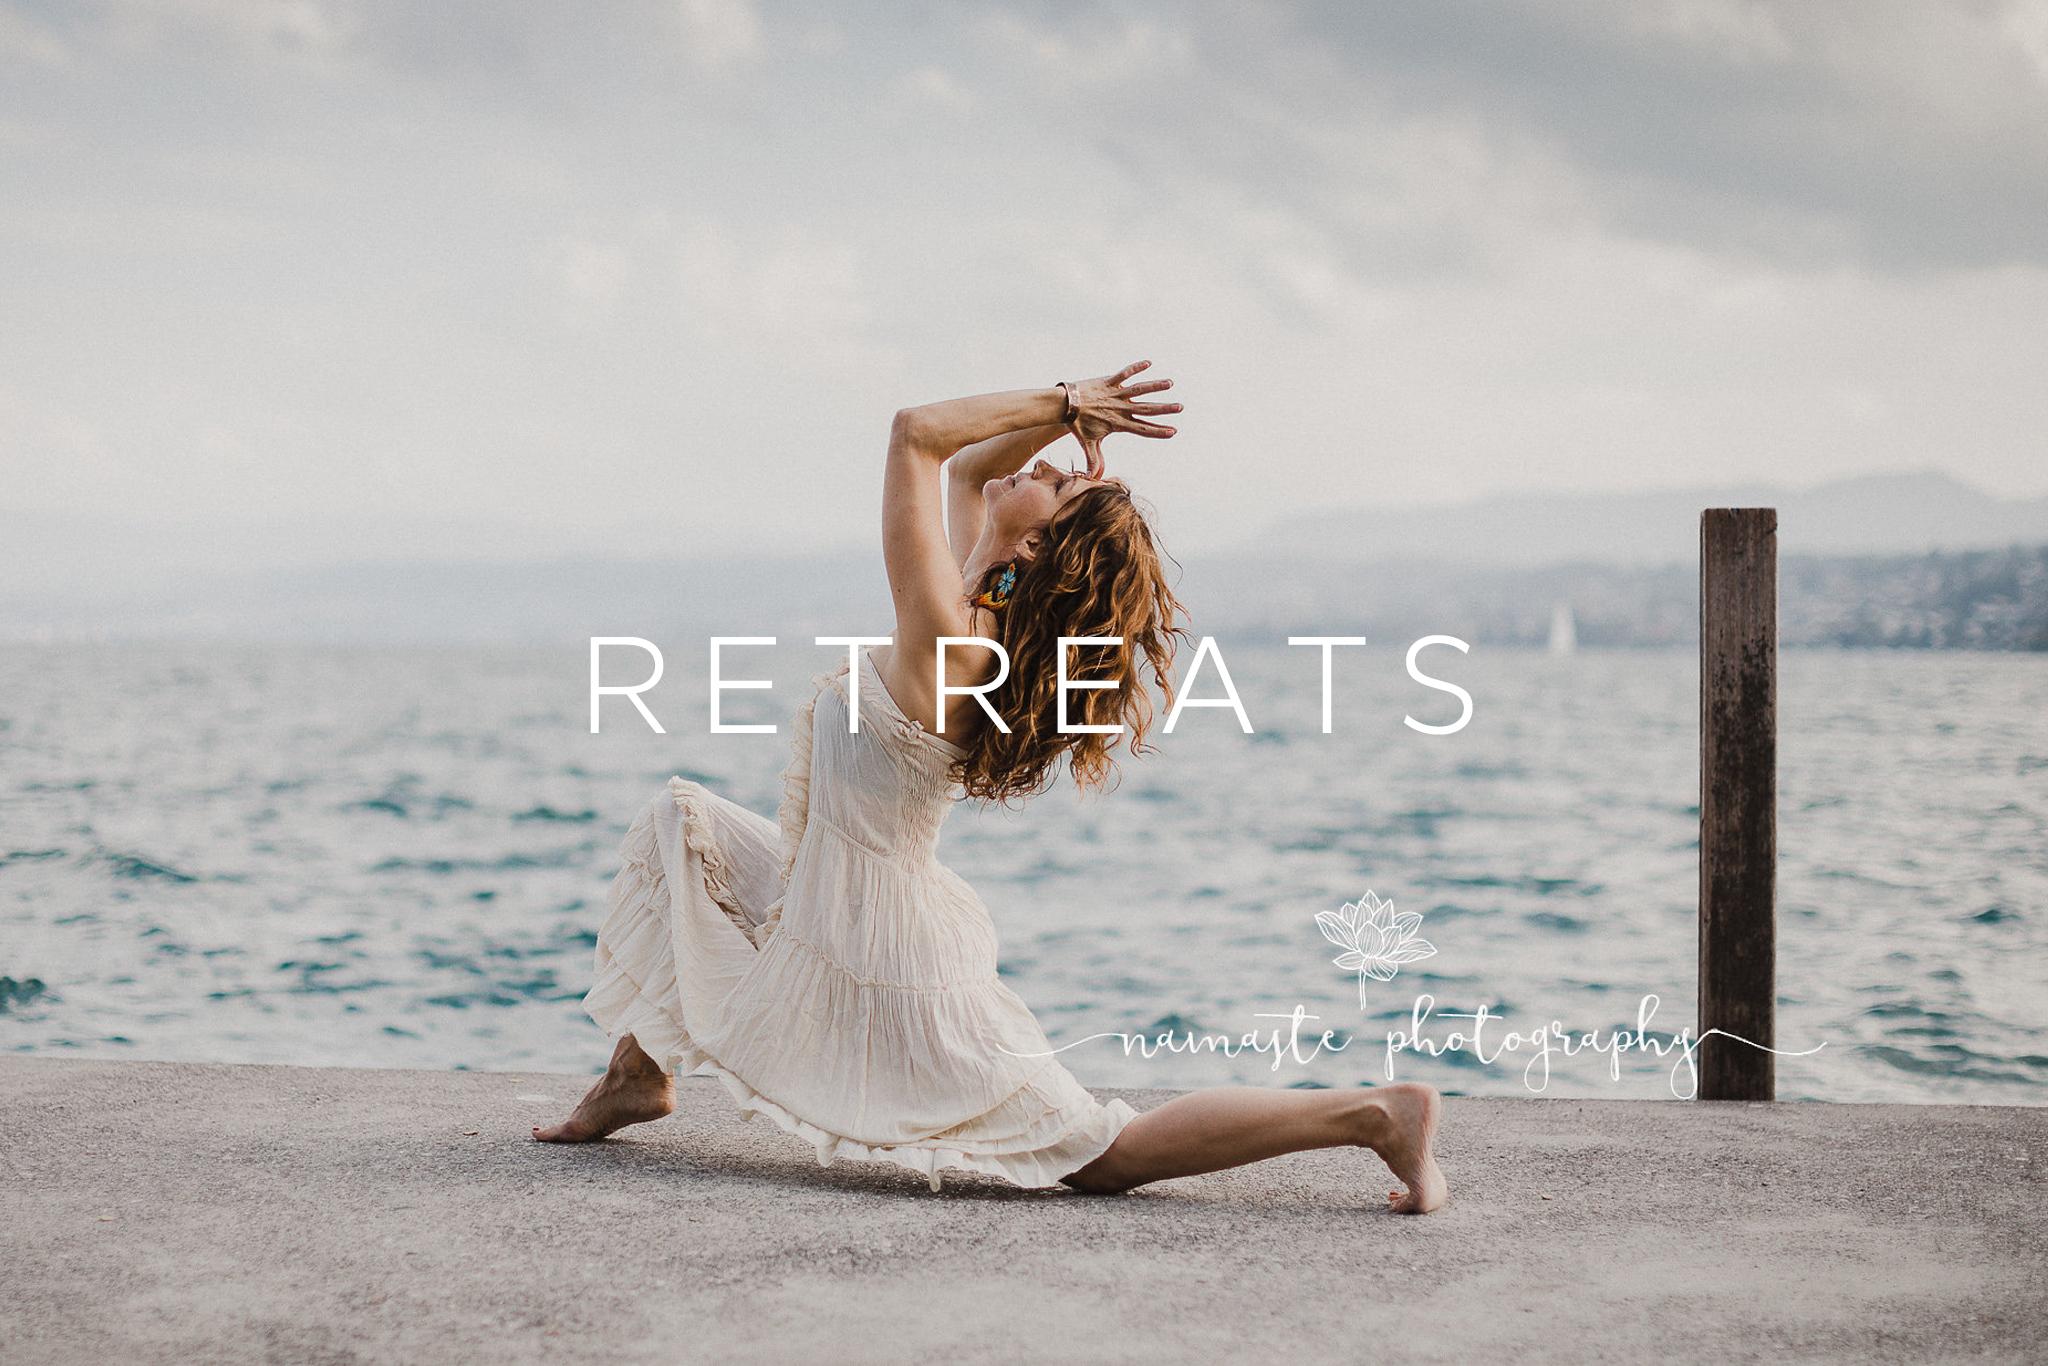 home_retreats_weiß.jpg